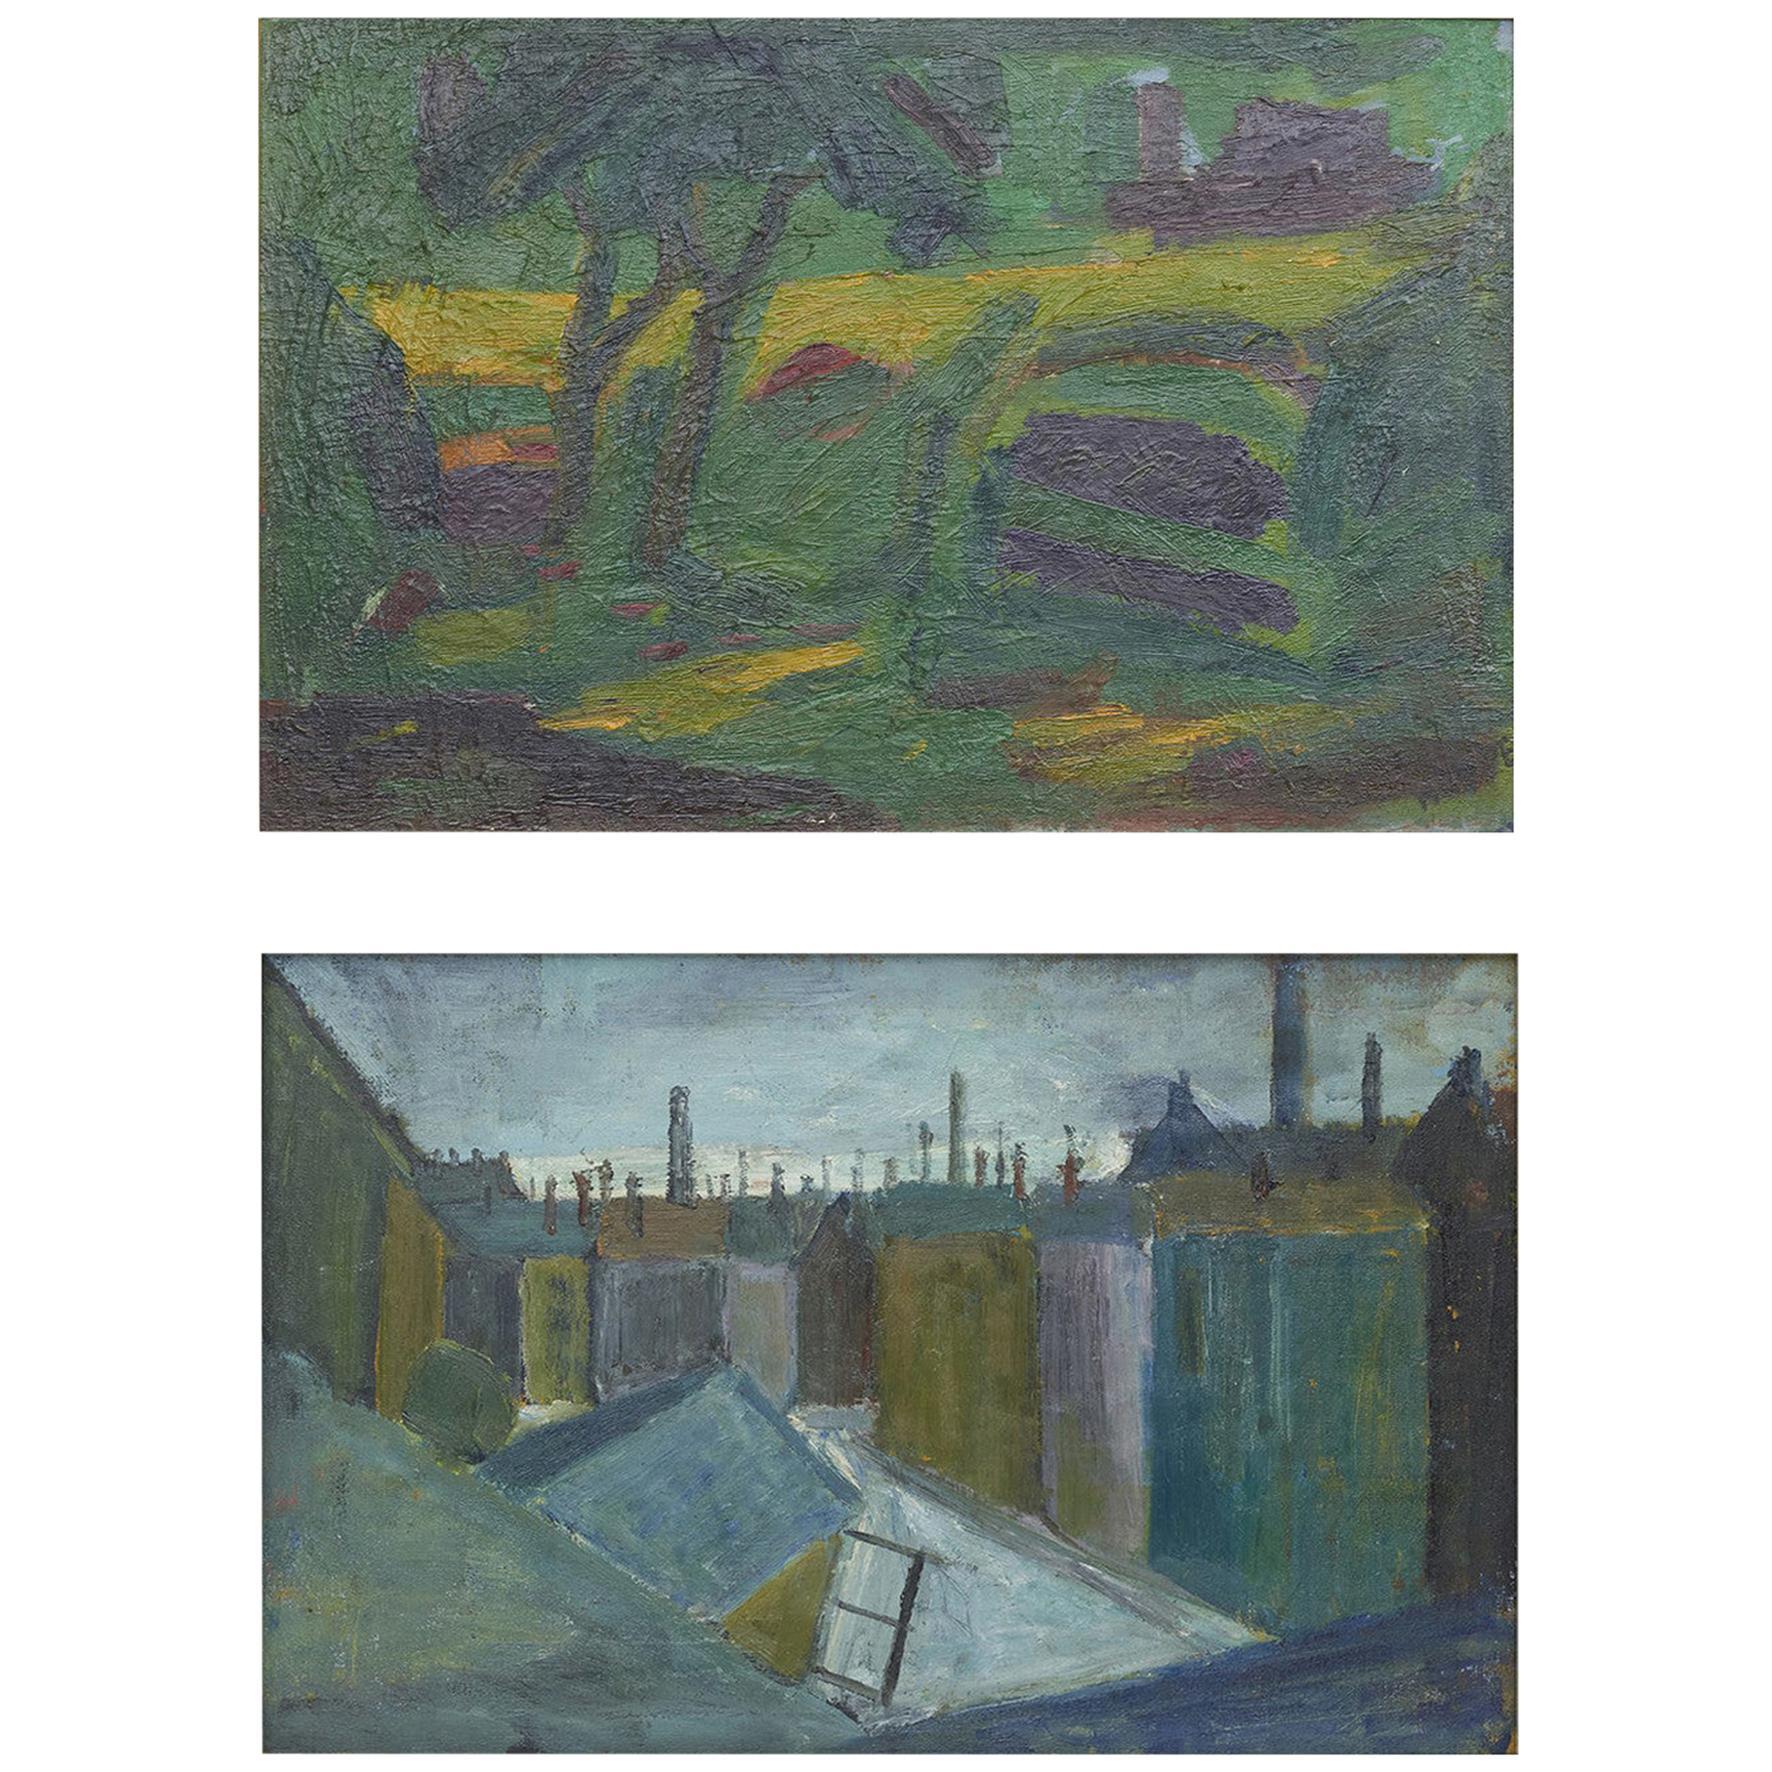 Erik Hoppe, Double-Sided Painting